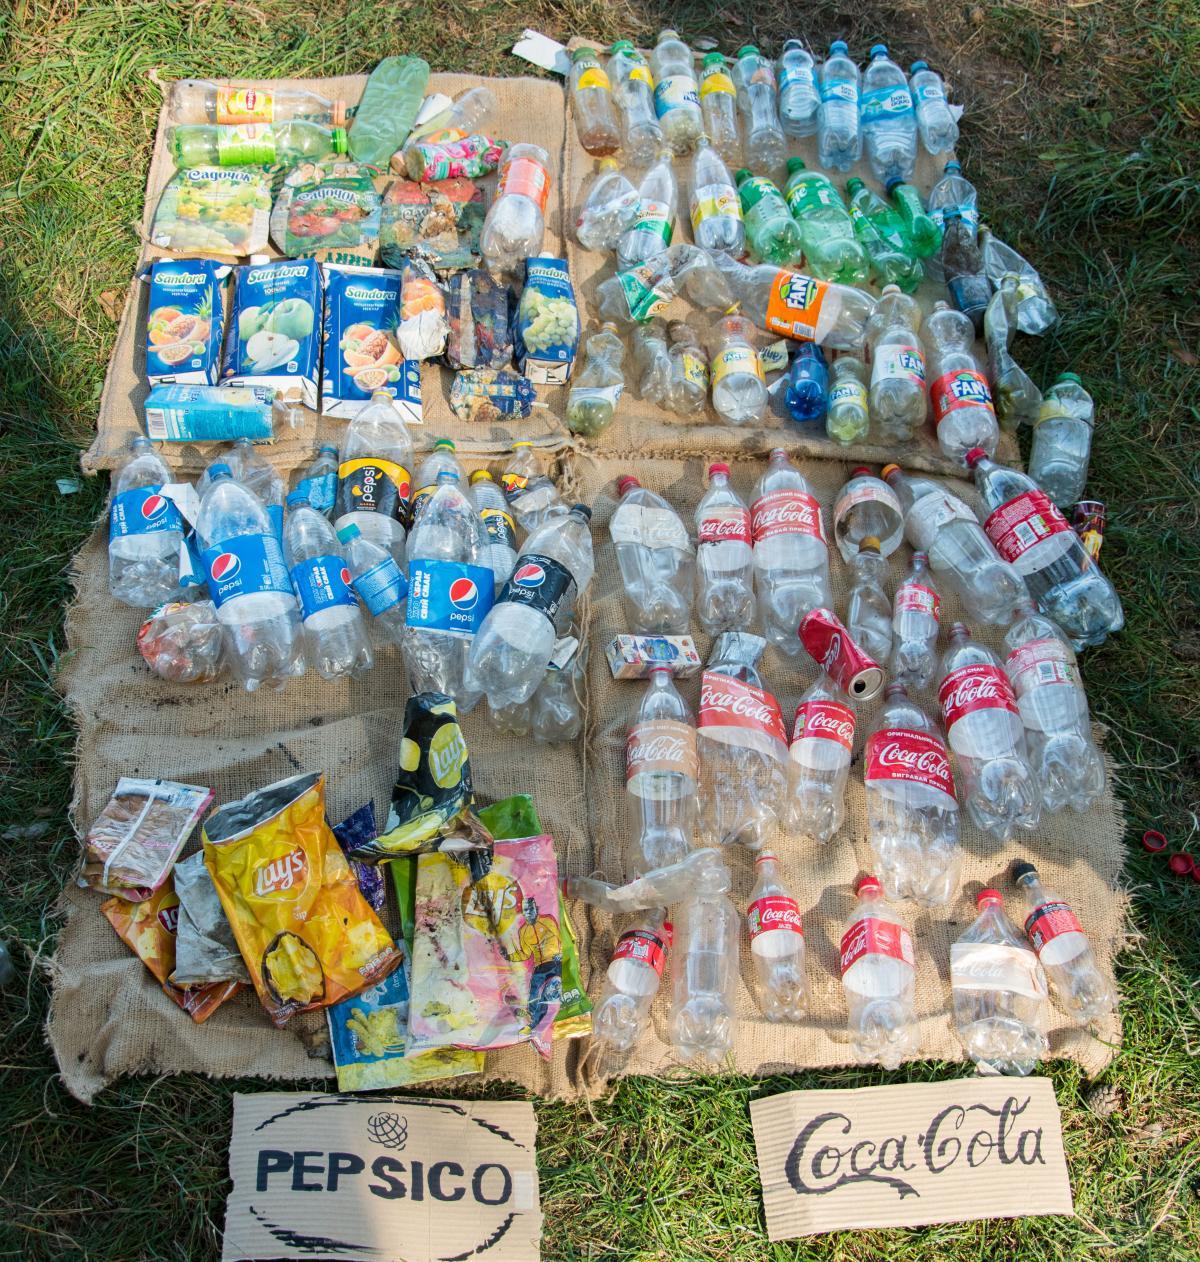 За словами Анастасії, досортування відходів вдома дозволяє зрозуміти своє споживання / фото ГО Zero Waste Society